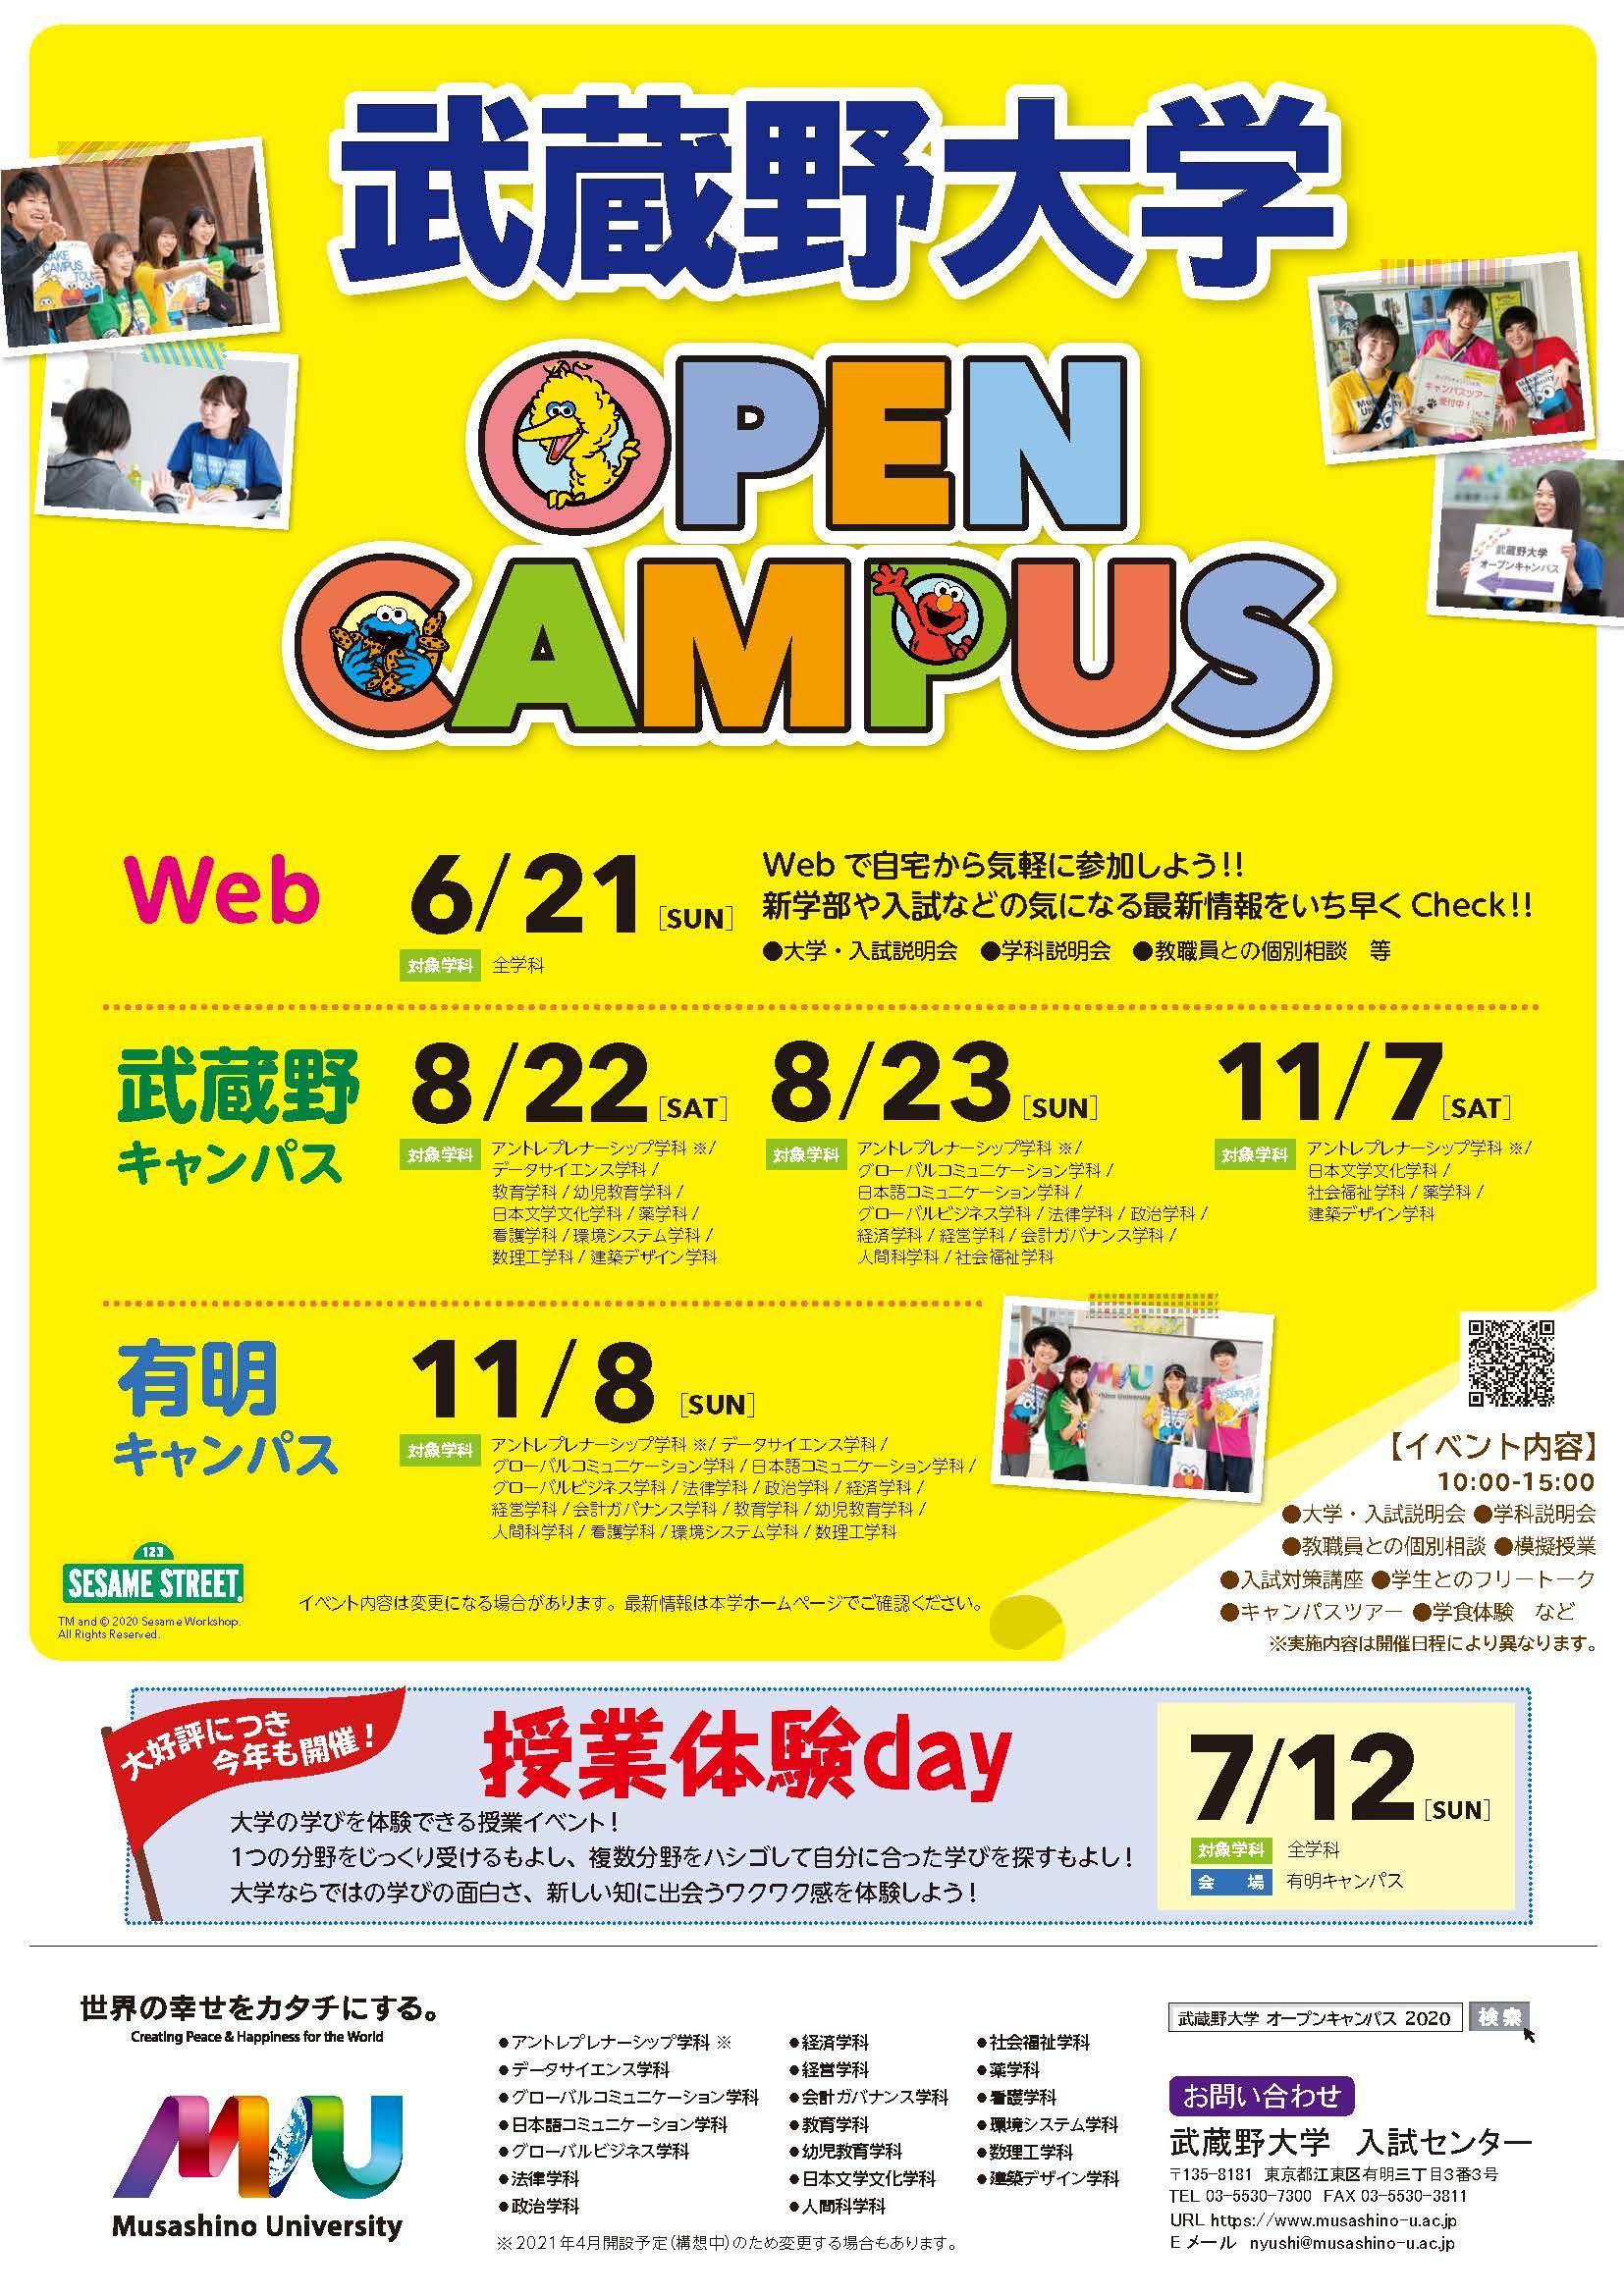 【武蔵野大学】全12学部20学科で開催するWebオープンキャンパス